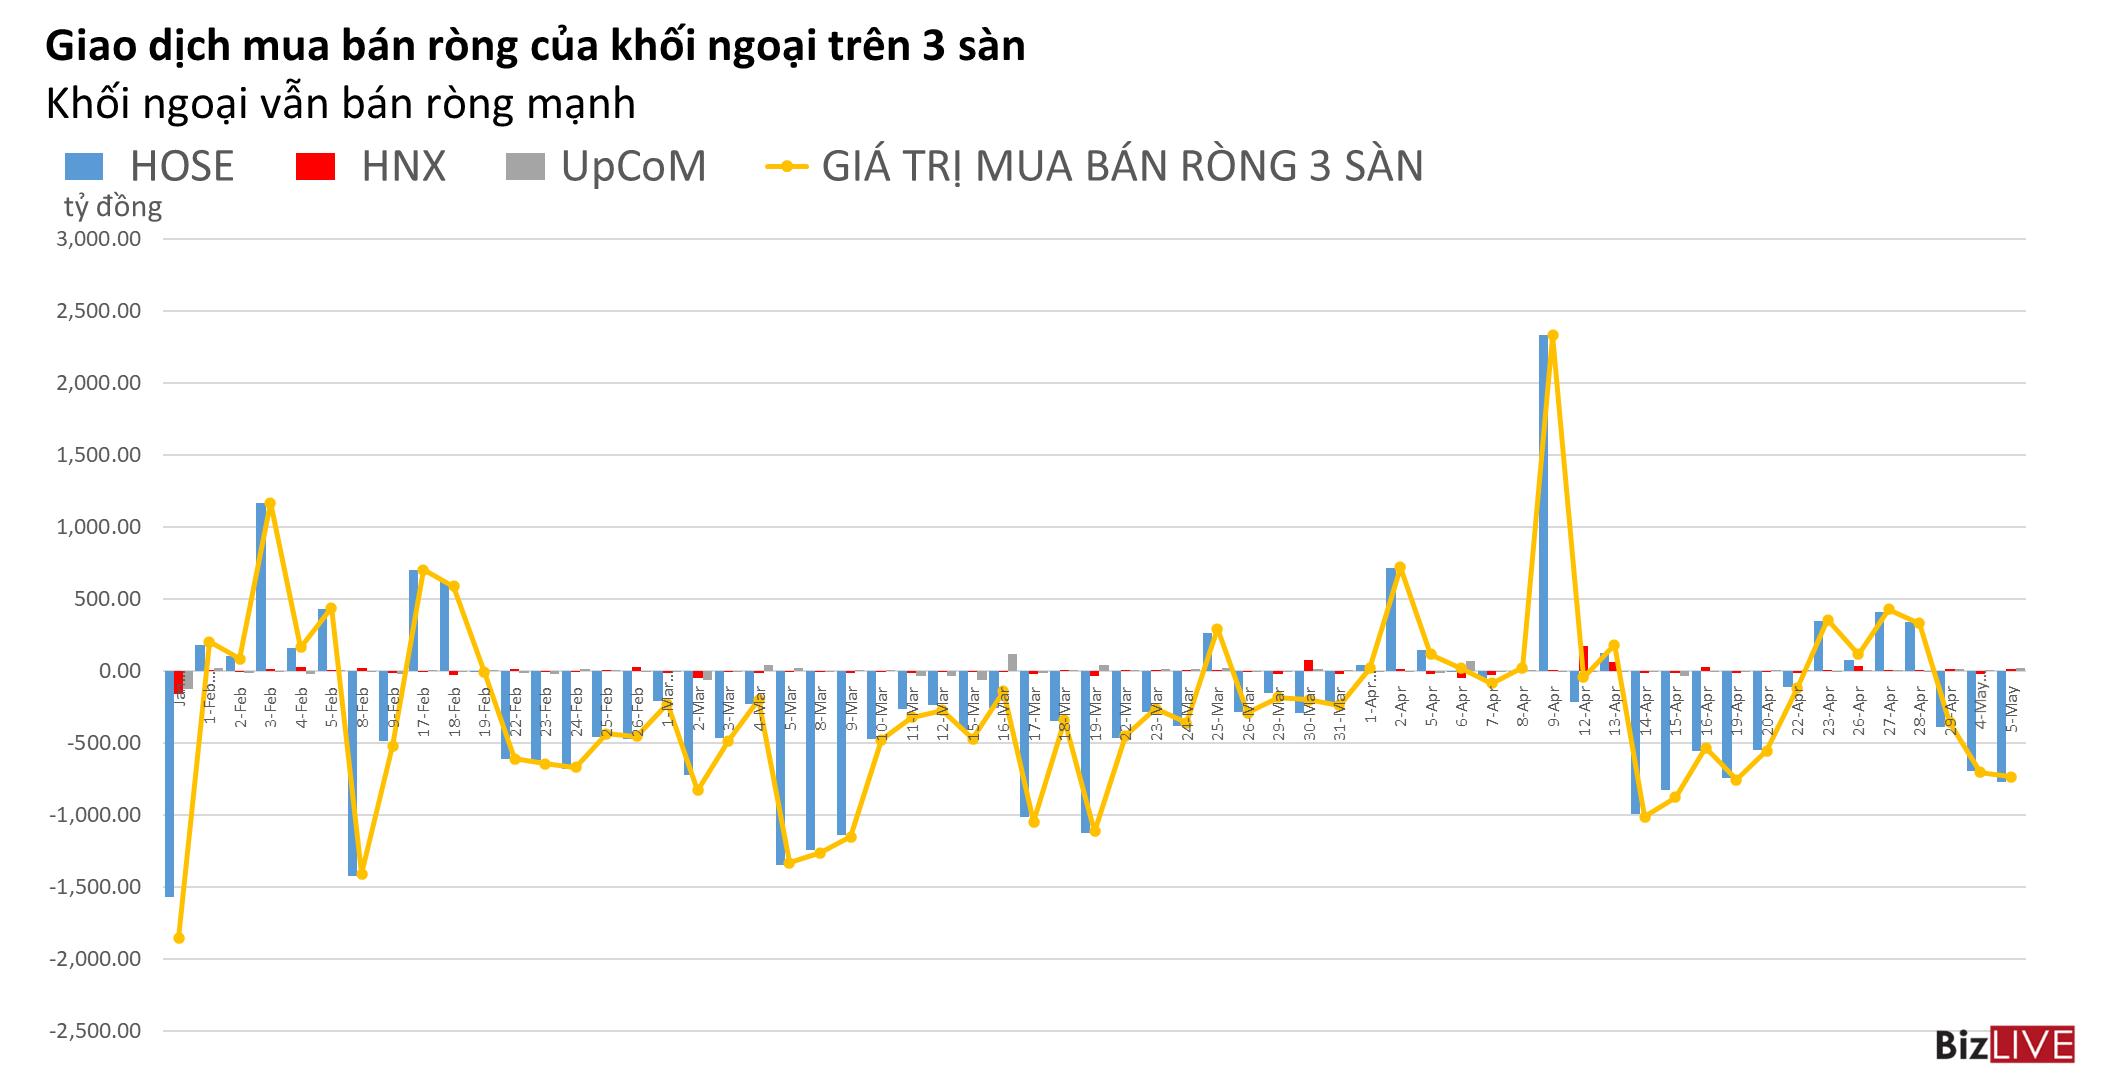 Phiên 5/5: Khối ngoại bán ròng tiếp, VTP vẫn được mua ròng trên UPCoM